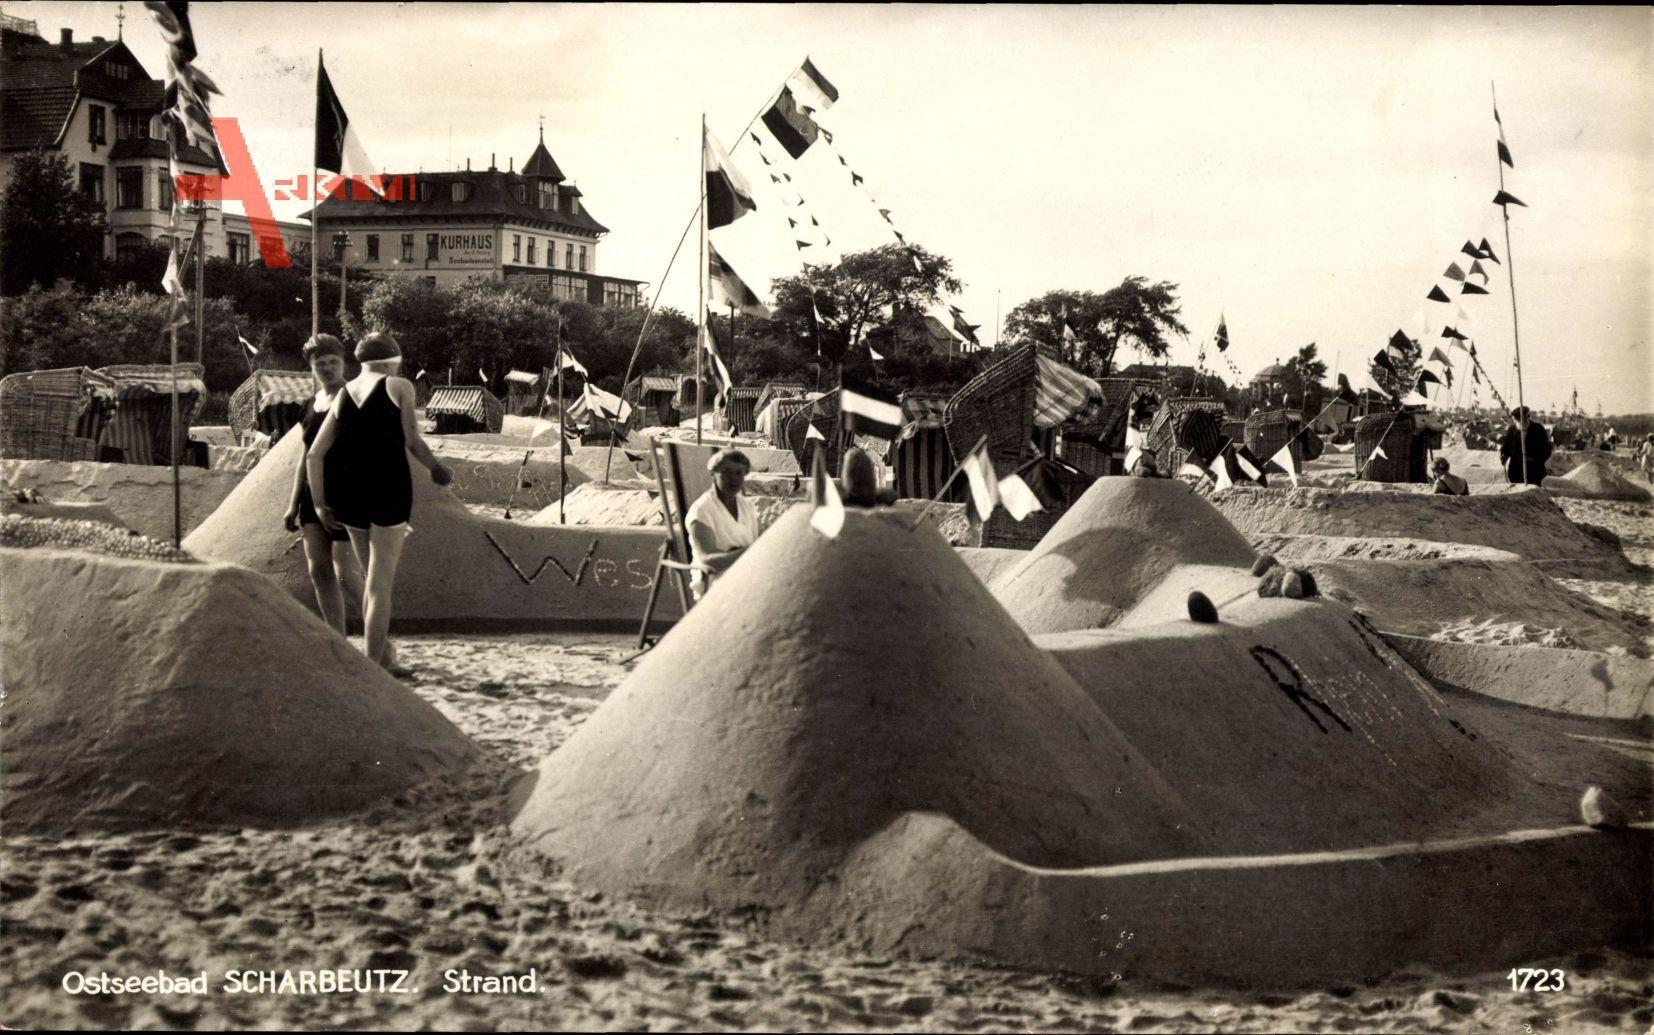 Scharbeutz in Ostholstein, Ostseebad, Sandburgen am Strand